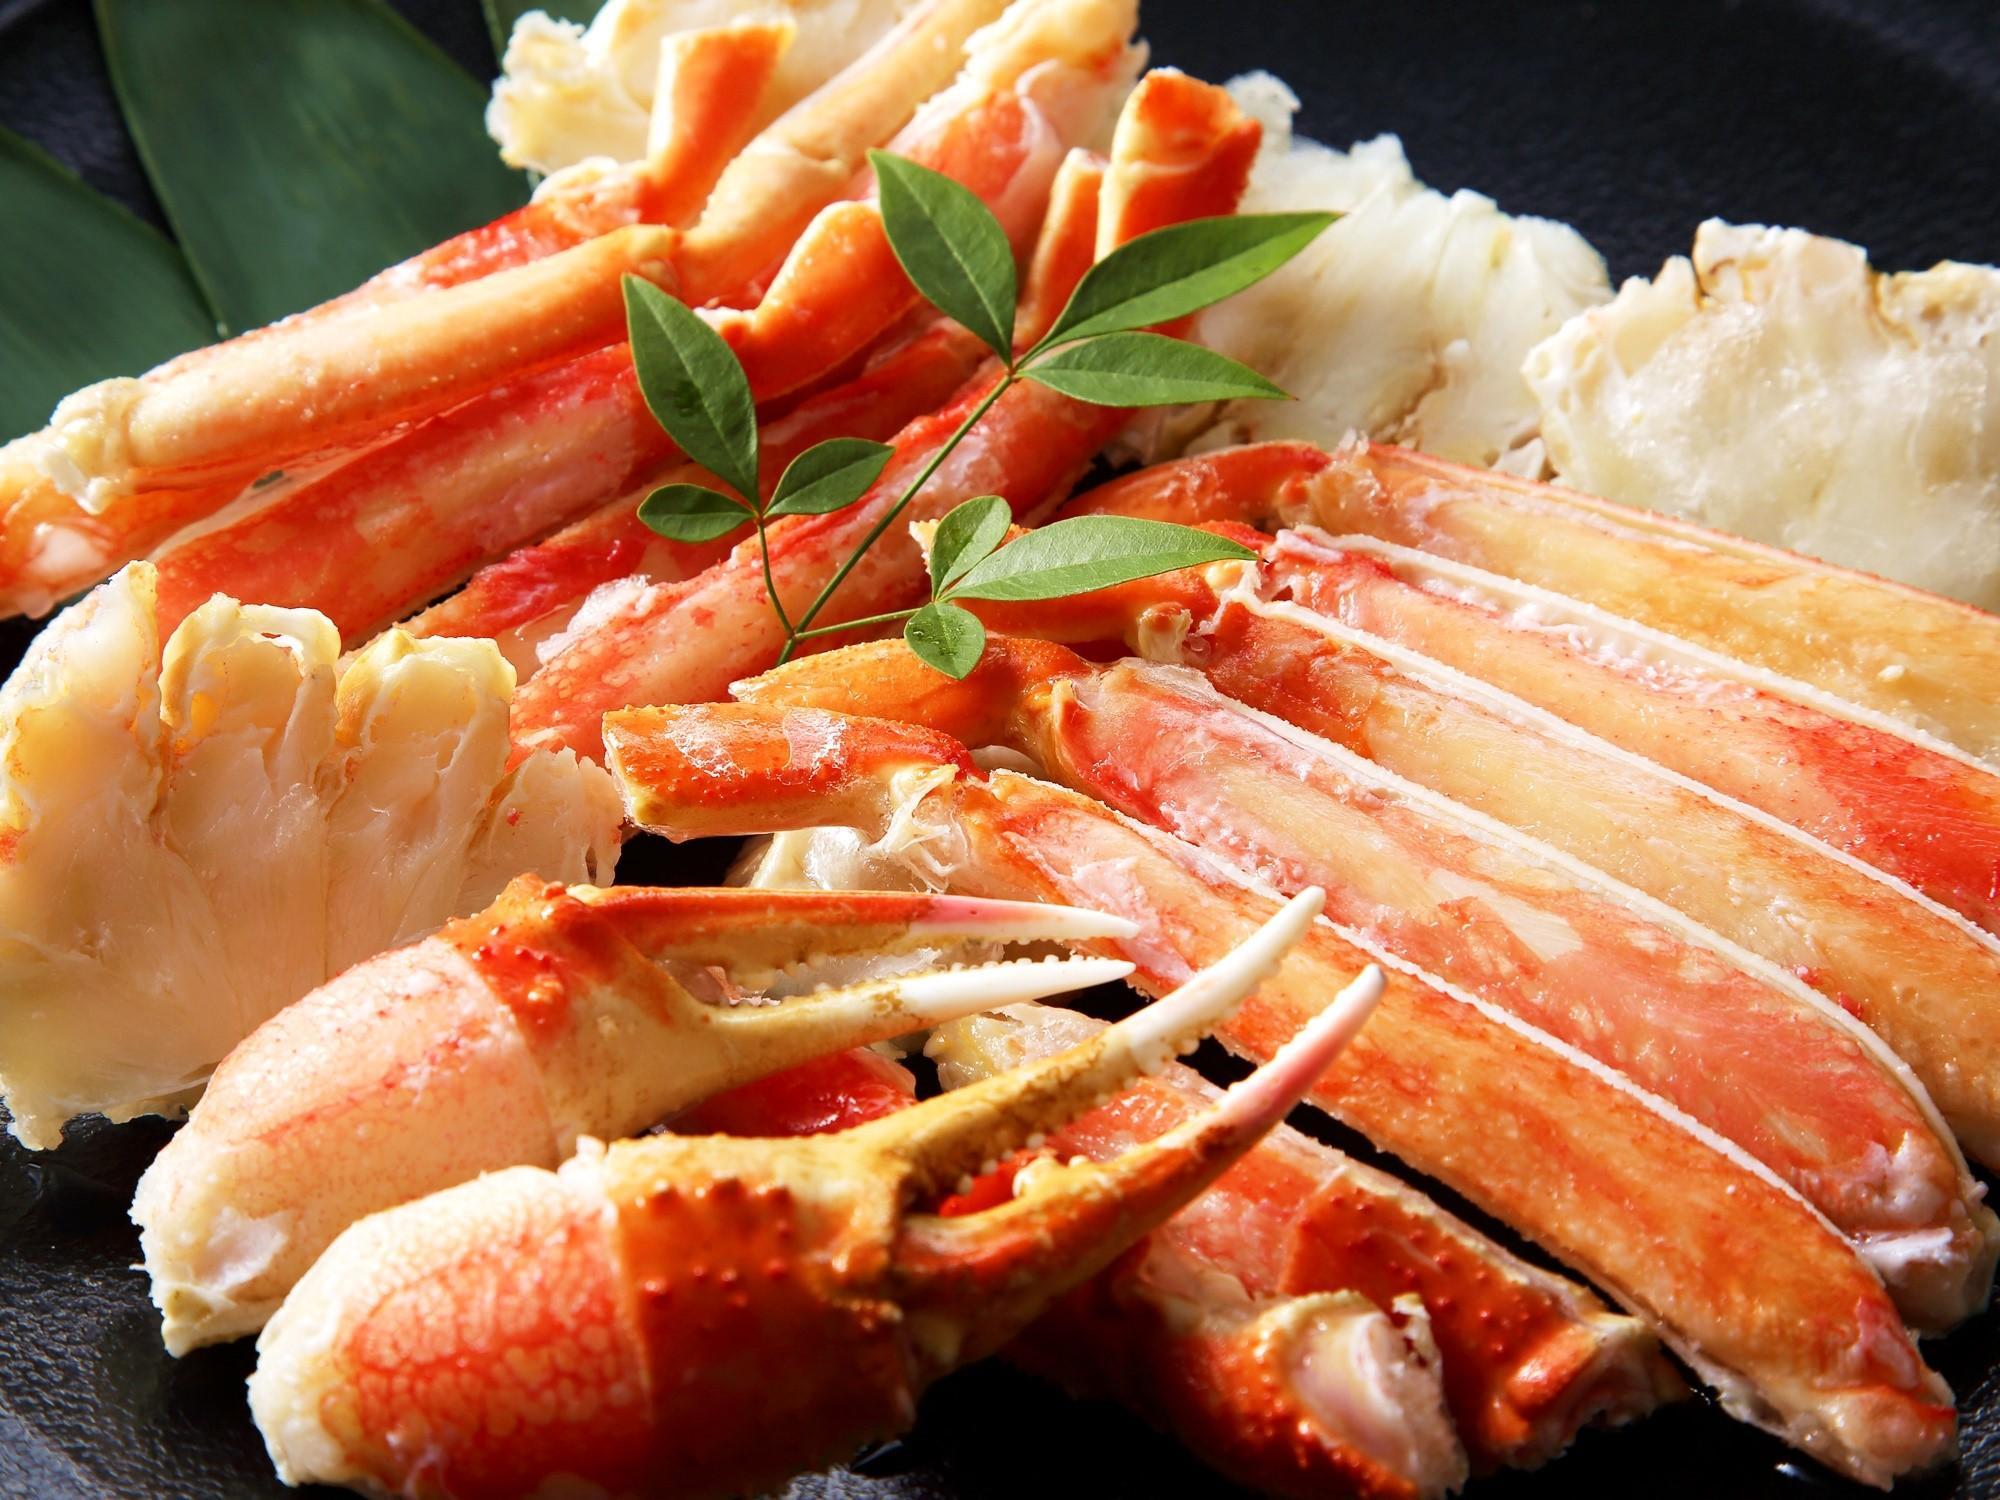 【美味旬旅◆特別会席 潮~うしお】北海道のご馳走を食す 蟹づくしの特選会席 [夕食:レストラン]